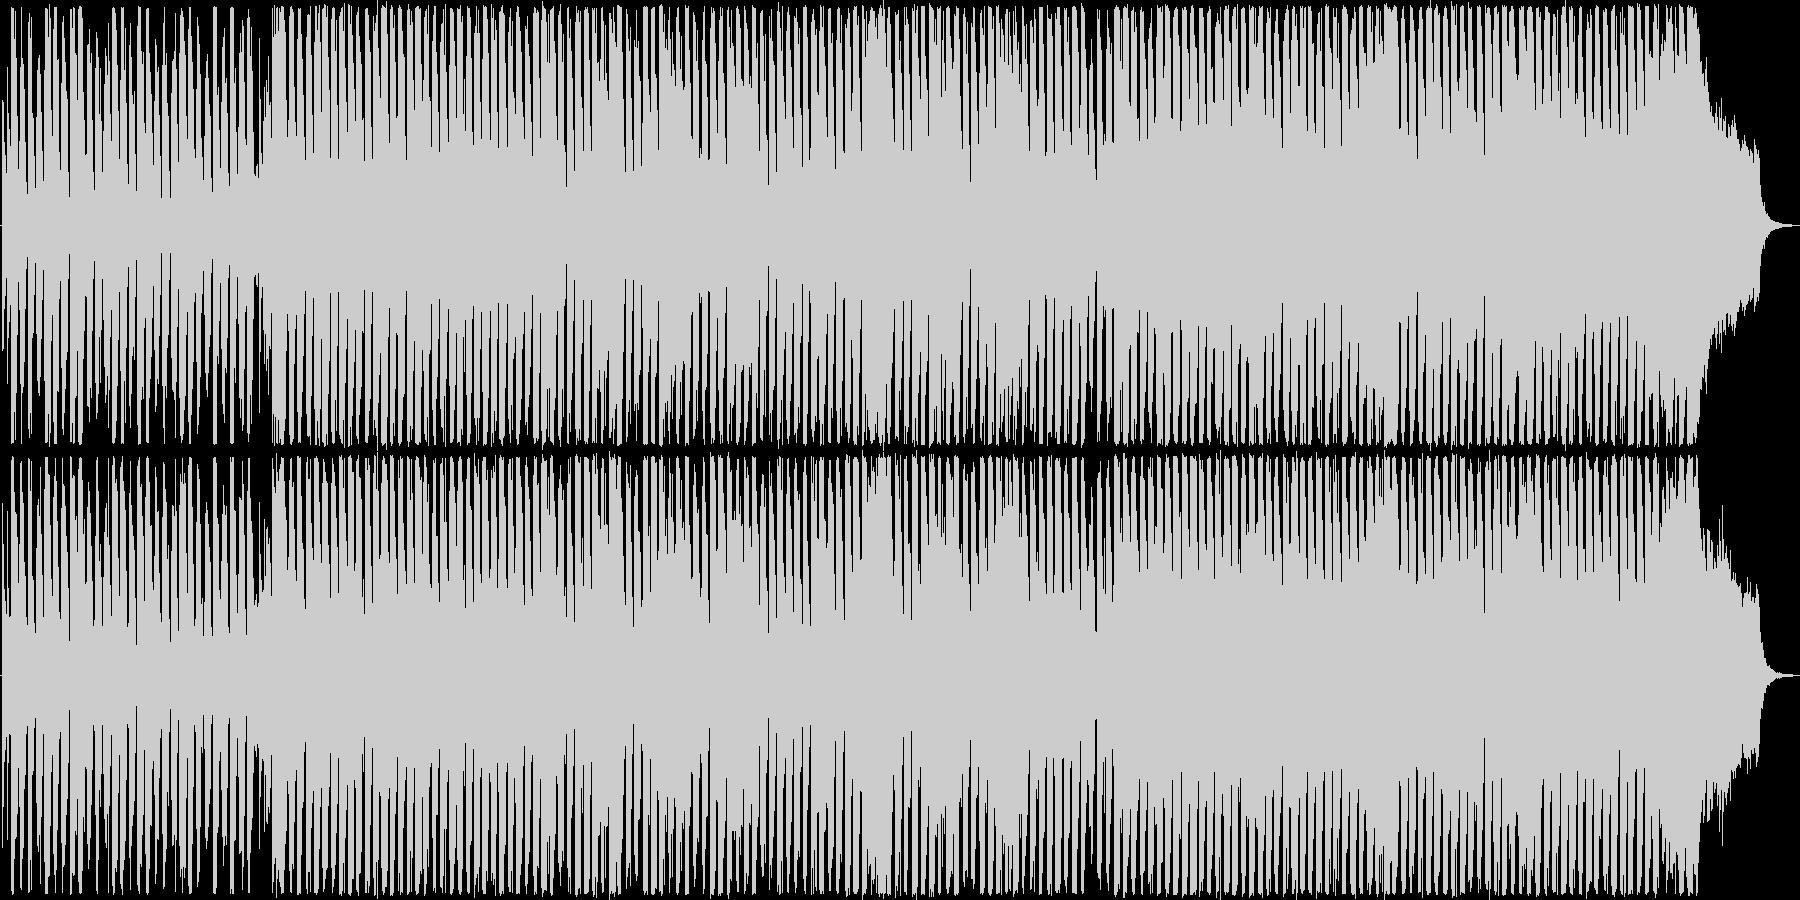 透明感あるピアノのメロディのEDMの未再生の波形